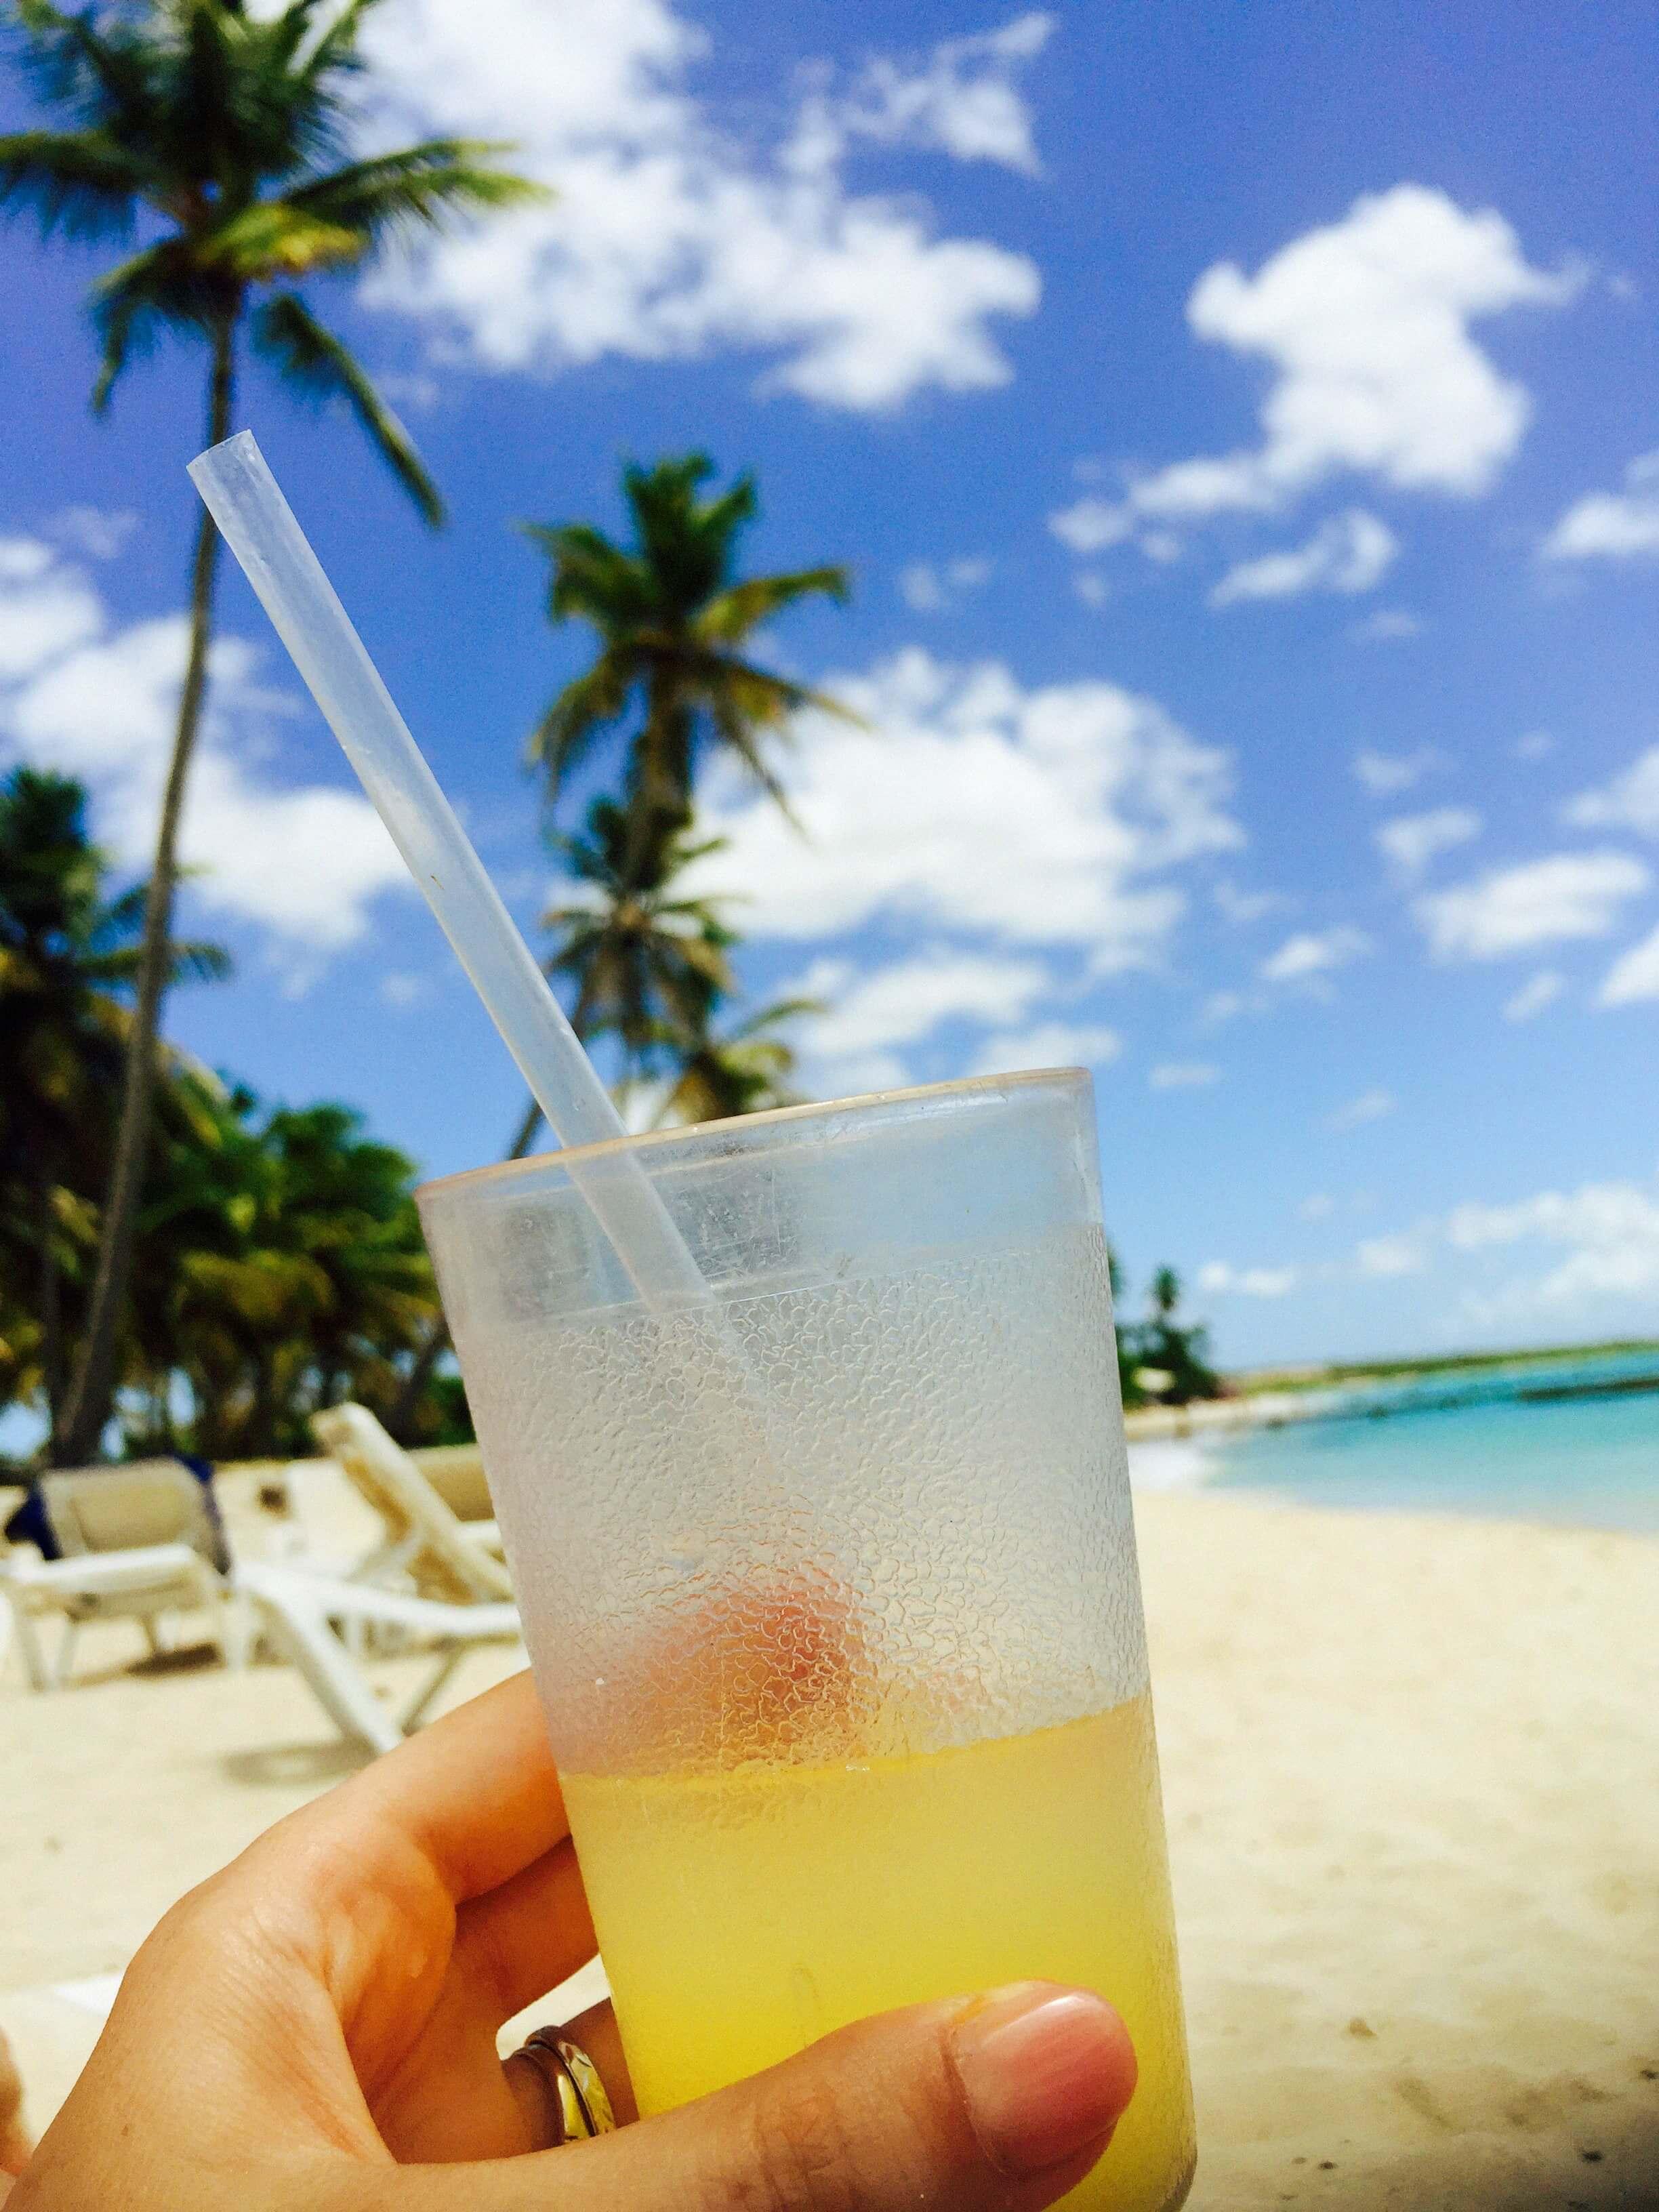 resort-repubblica-dominicana-45